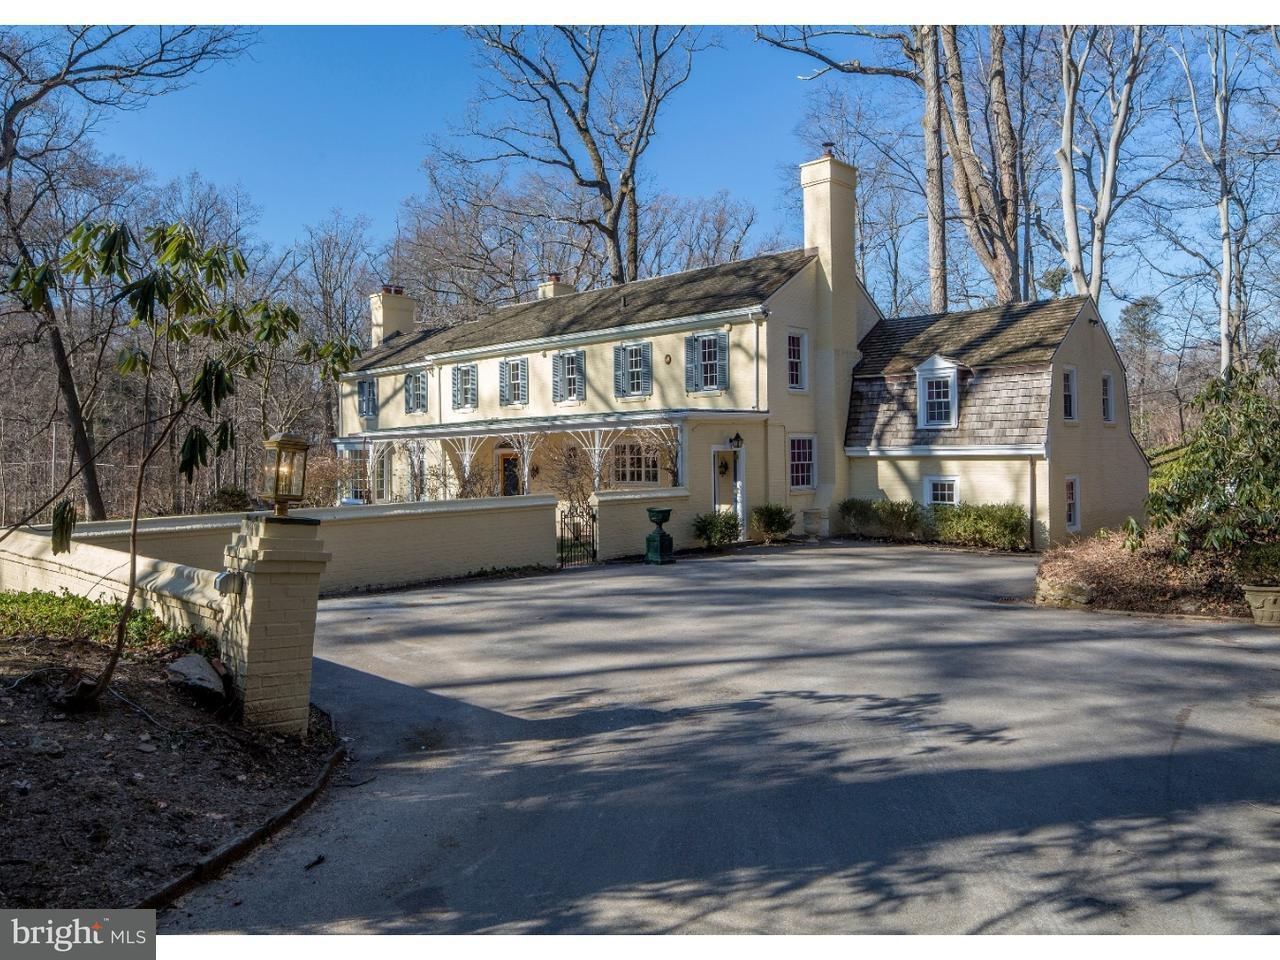 Частный односемейный дом для того Продажа на 418 GATCOMBE Lane Bryn Mawr, Пенсильвания 19010 Соединенные Штаты